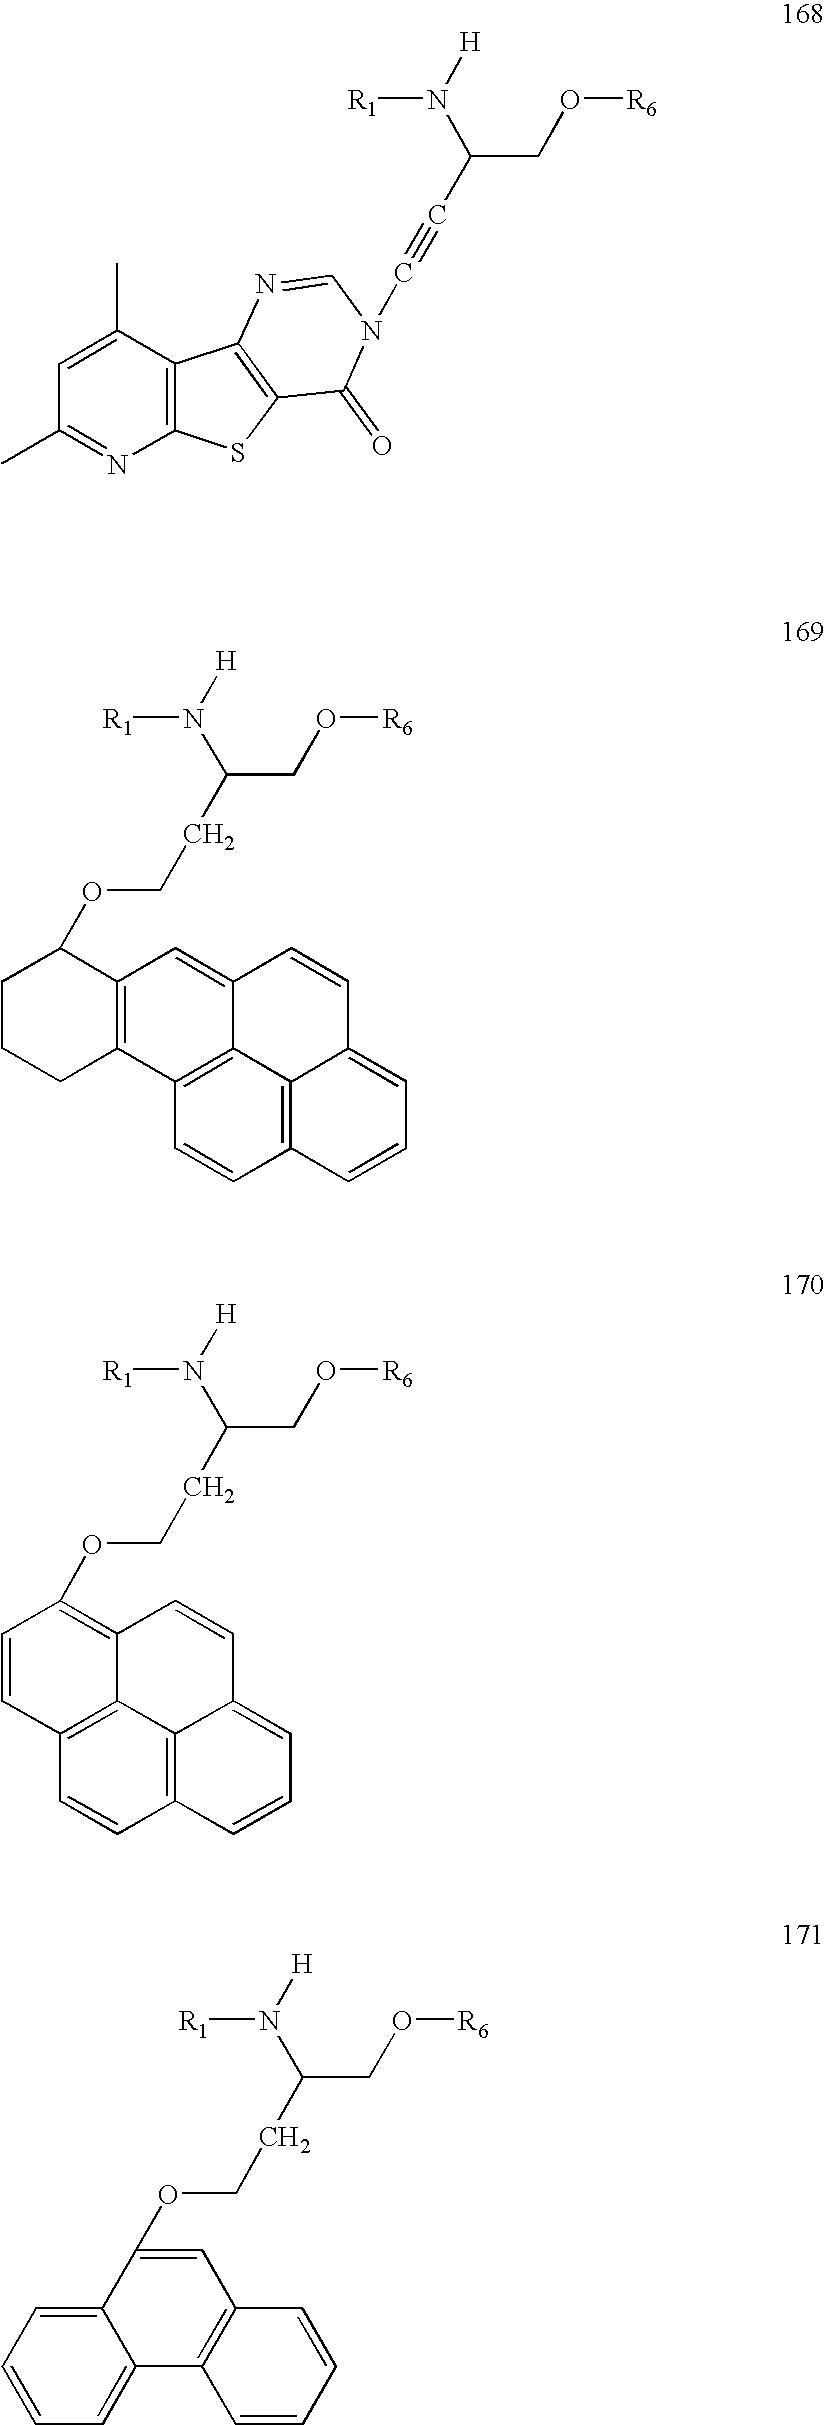 Figure US20060014144A1-20060119-C00125